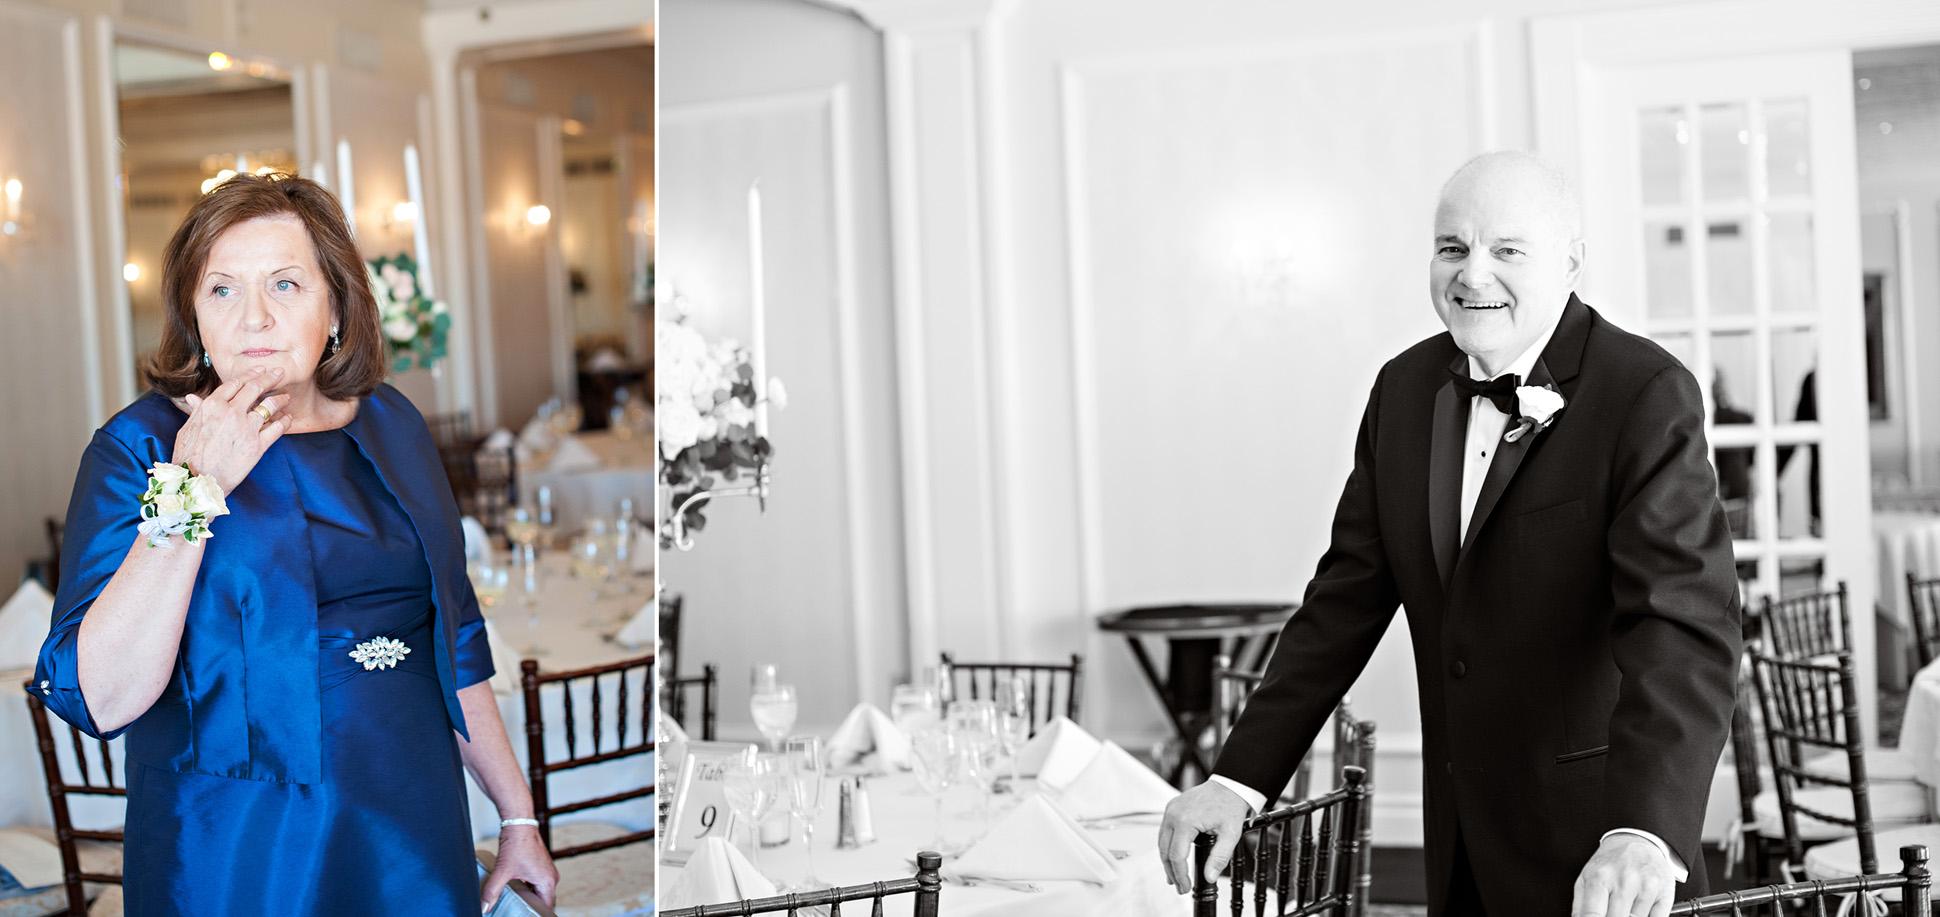 32-Sara Stadtmiller-SRS-Photography-Asbury-Park-Wedding-Photographer-Monmouth-County-Wedding-Photographer-NJ-Wedding-Photographer-Molly-Pitcher-Inn-Wedding